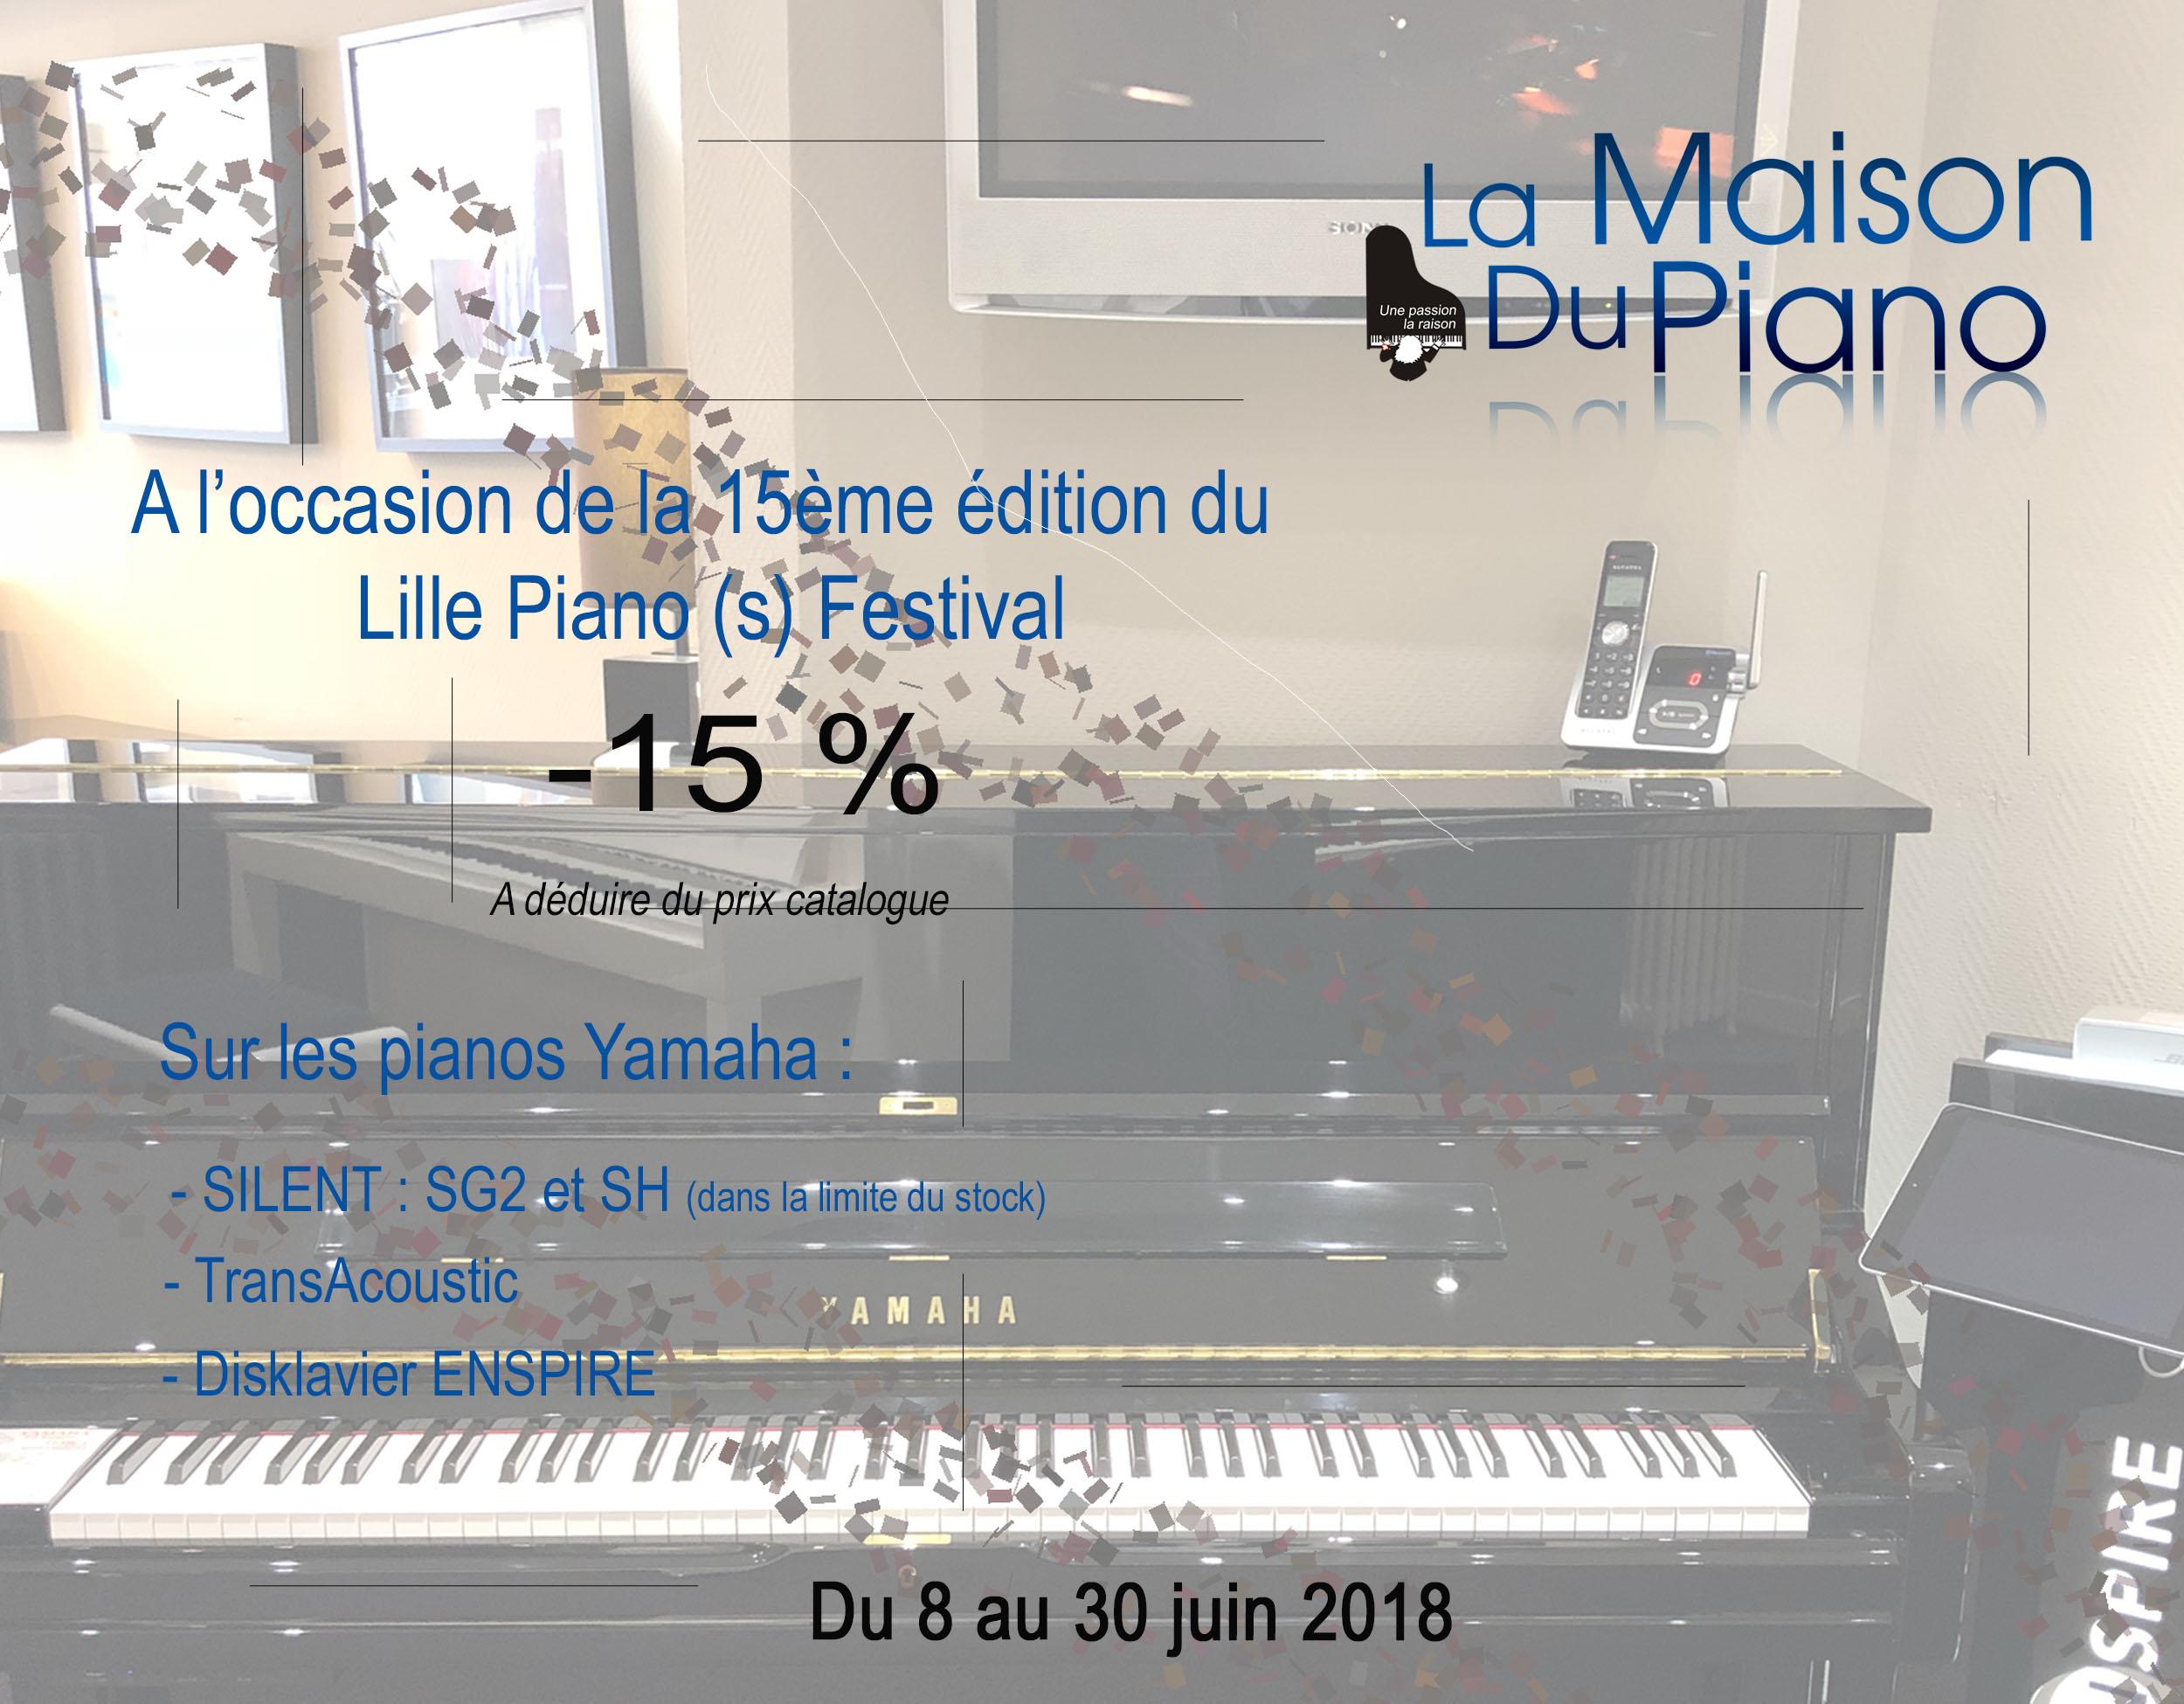 Lille piano festival 2018